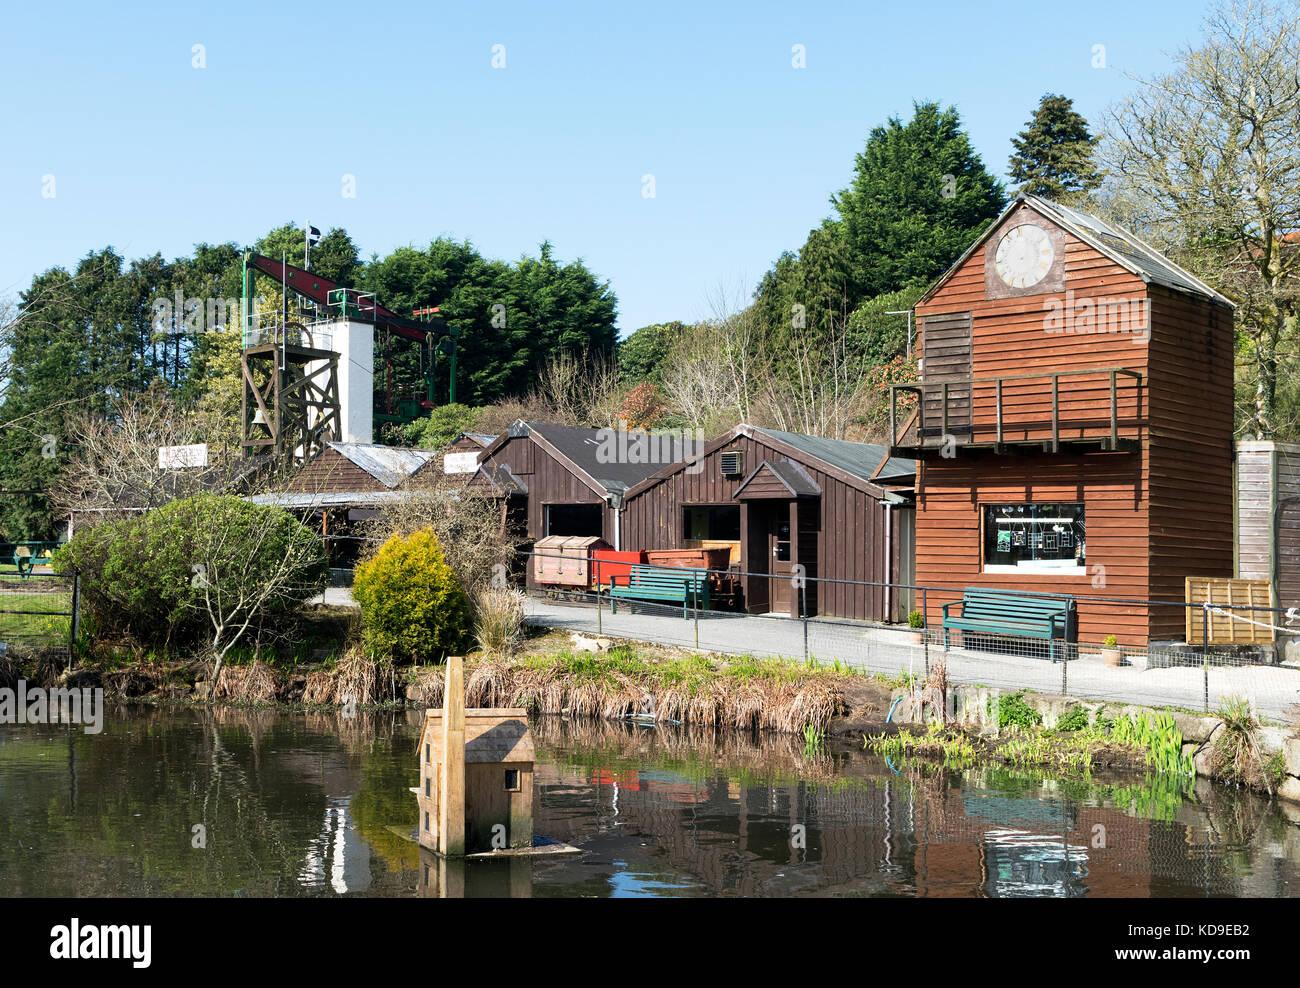 Poldark miniera di stagno una storica attrazione turistica vicino a Helston in Cornovaglia, Inghilterra, Regno Unito, Immagini Stock